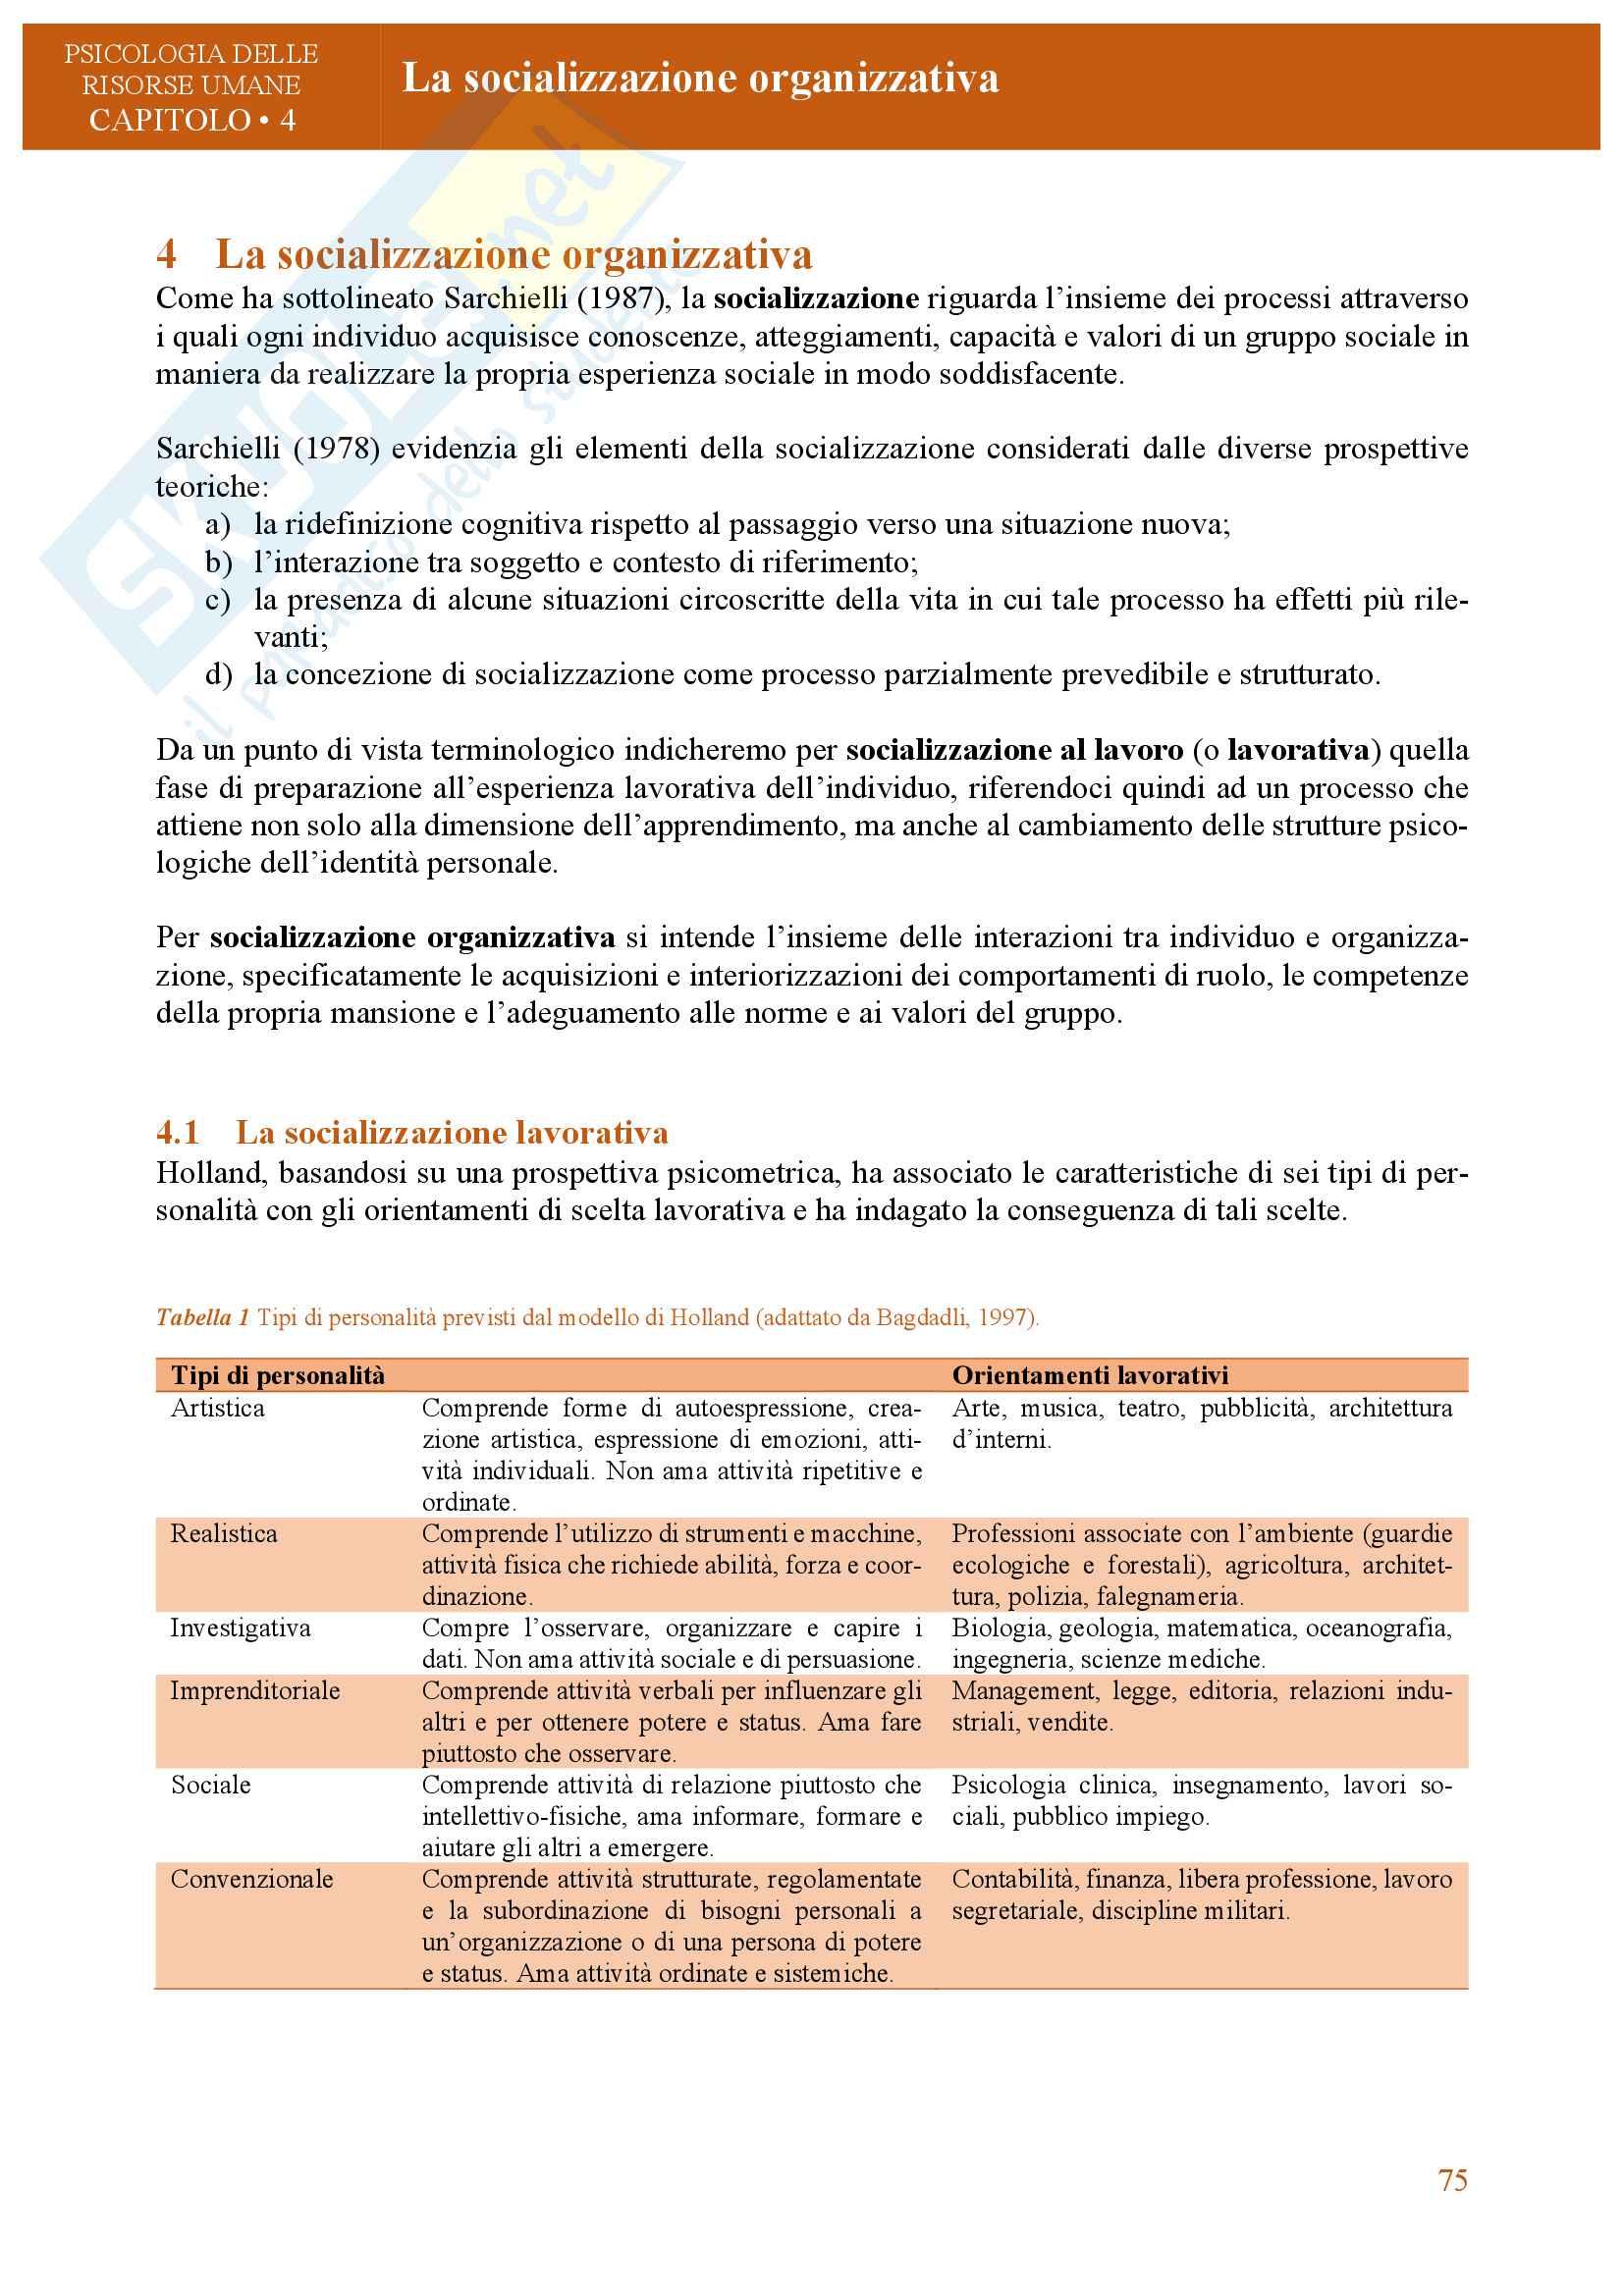 Appunti di psicologia delle organizzazioni e del lavoro Pag. 71